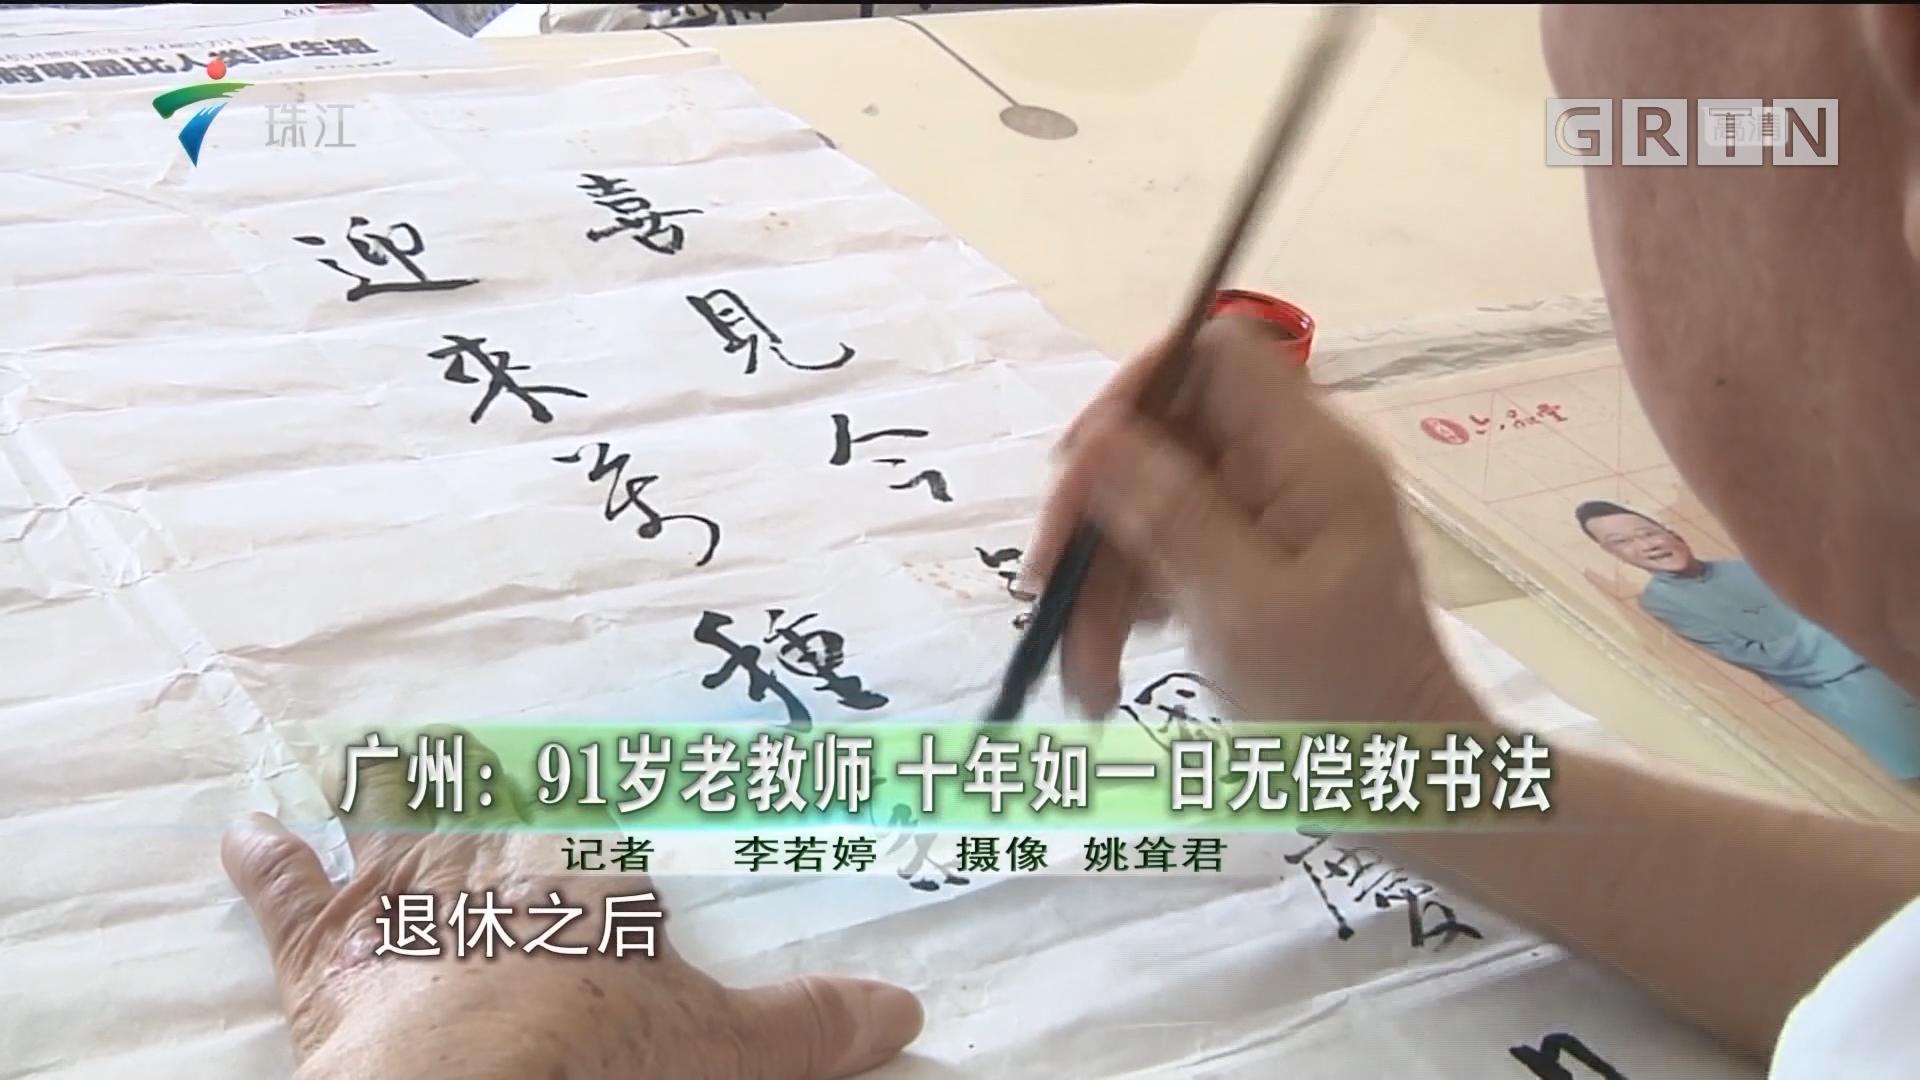 广州:91岁老教师 十年如一日无偿教书法